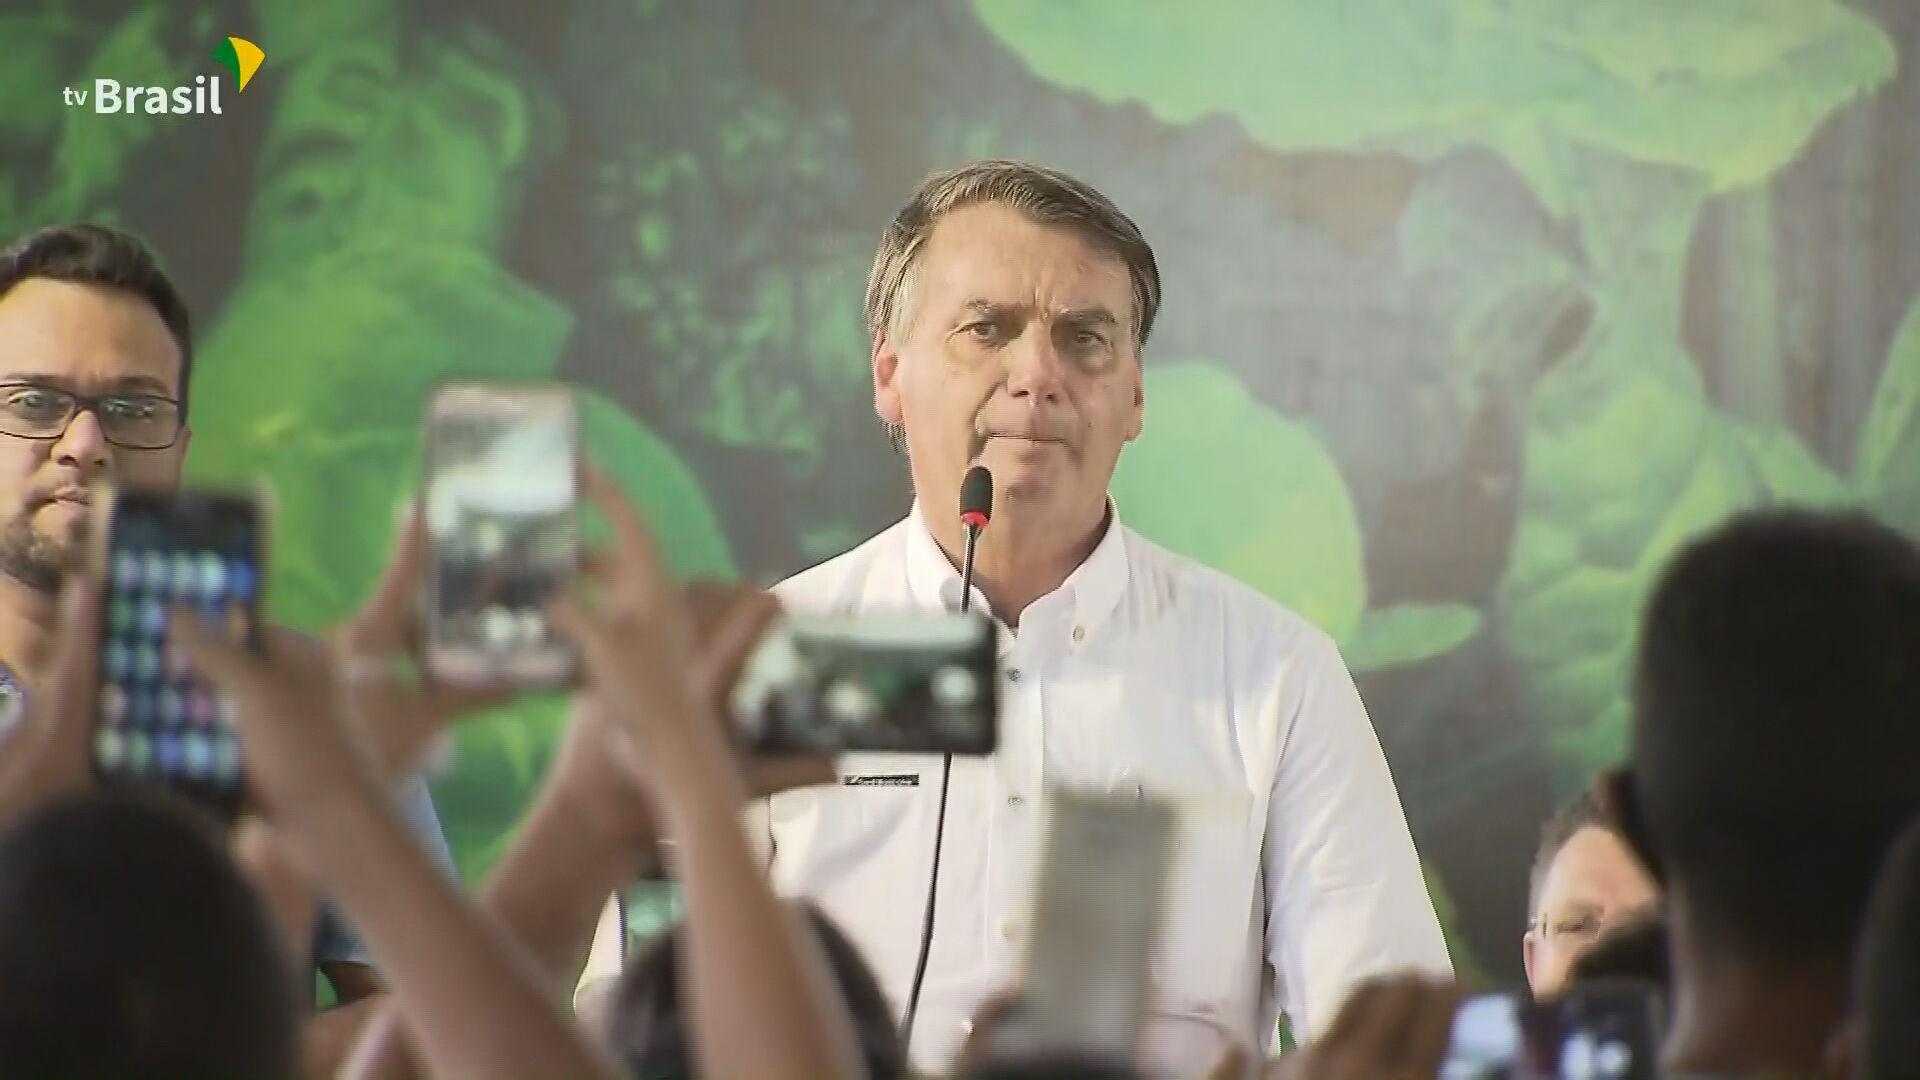 O presidente Jair Bolsonaro (sem partido) durante evento em Marabá, no Pará